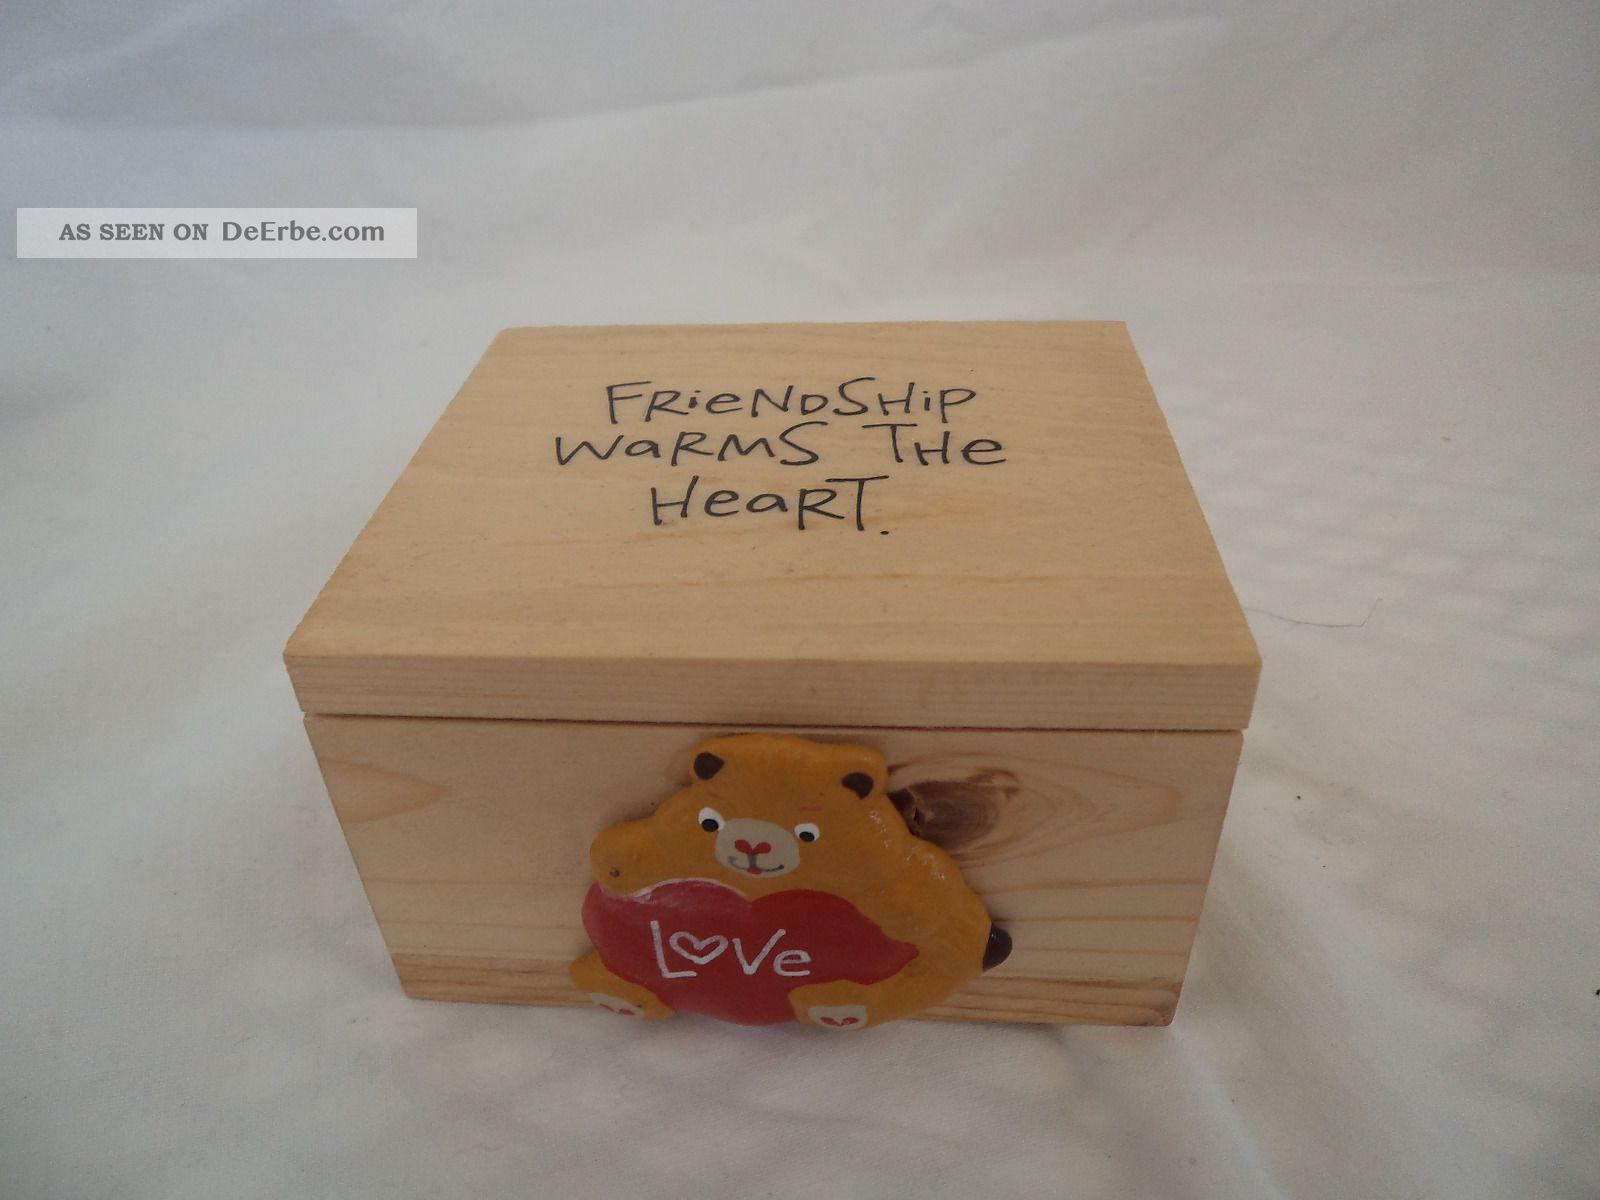 schatulle aus holz holzkiste klein geschenk kiste schmuck schatulle. Black Bedroom Furniture Sets. Home Design Ideas